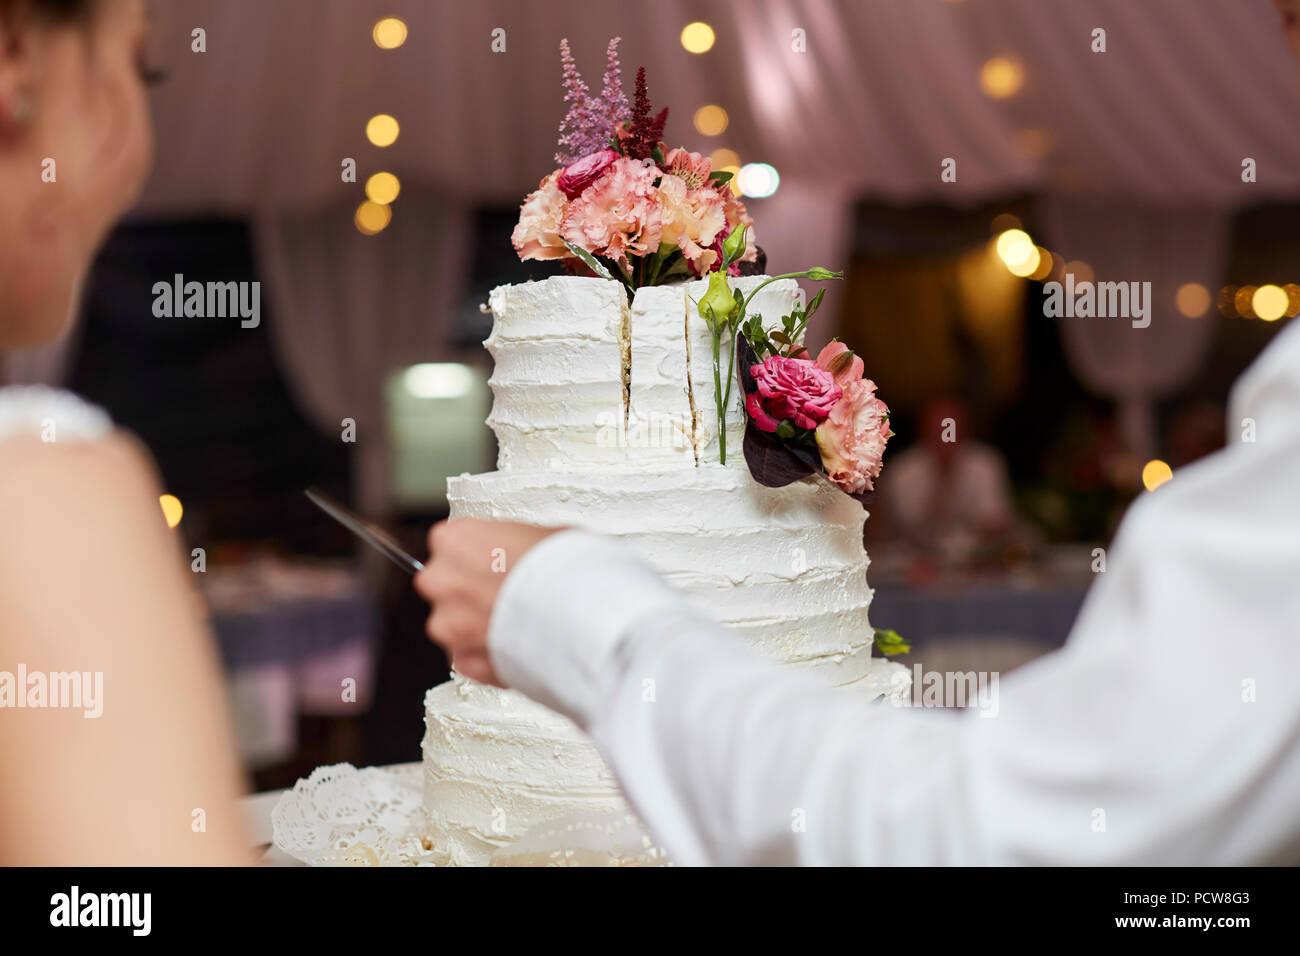 Mariés à réception de mariage couper le gâteau de mariage Photo Stock